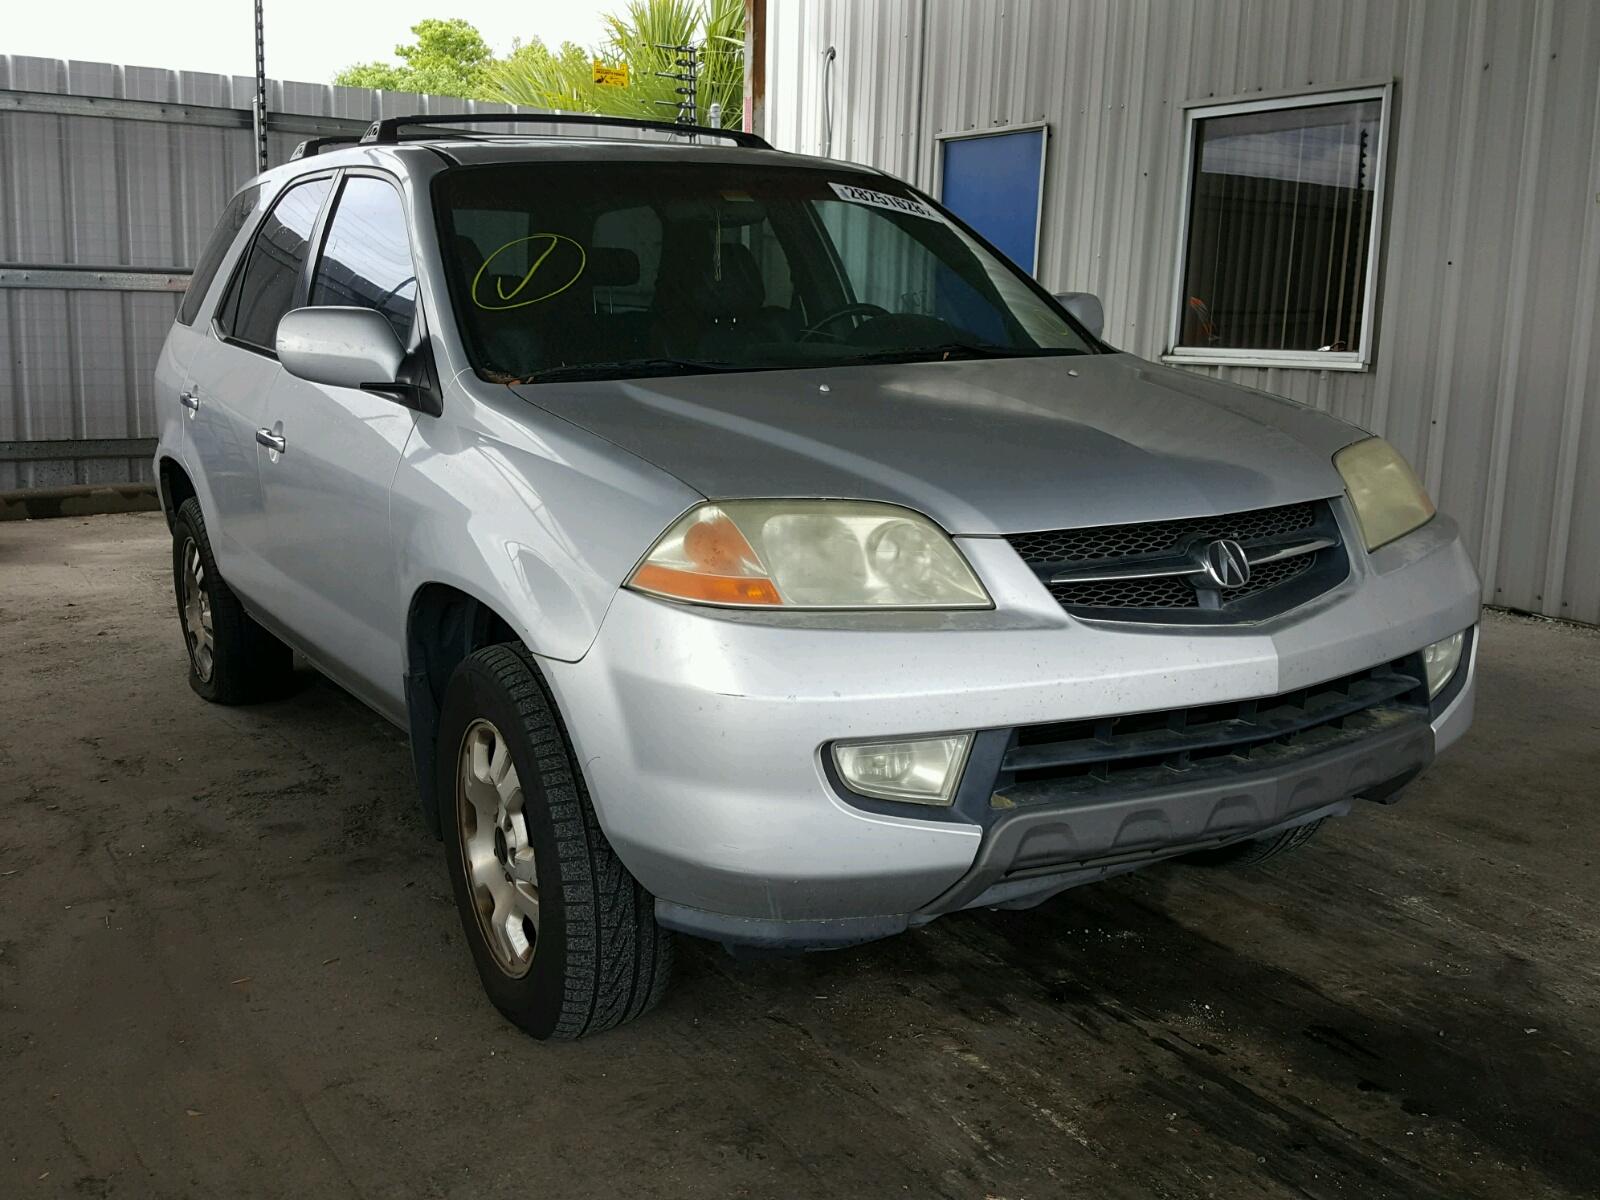 HNYDH GRAY ACURA MDX On Sale In FL ORLANDO - Acura mdx 2001 for sale